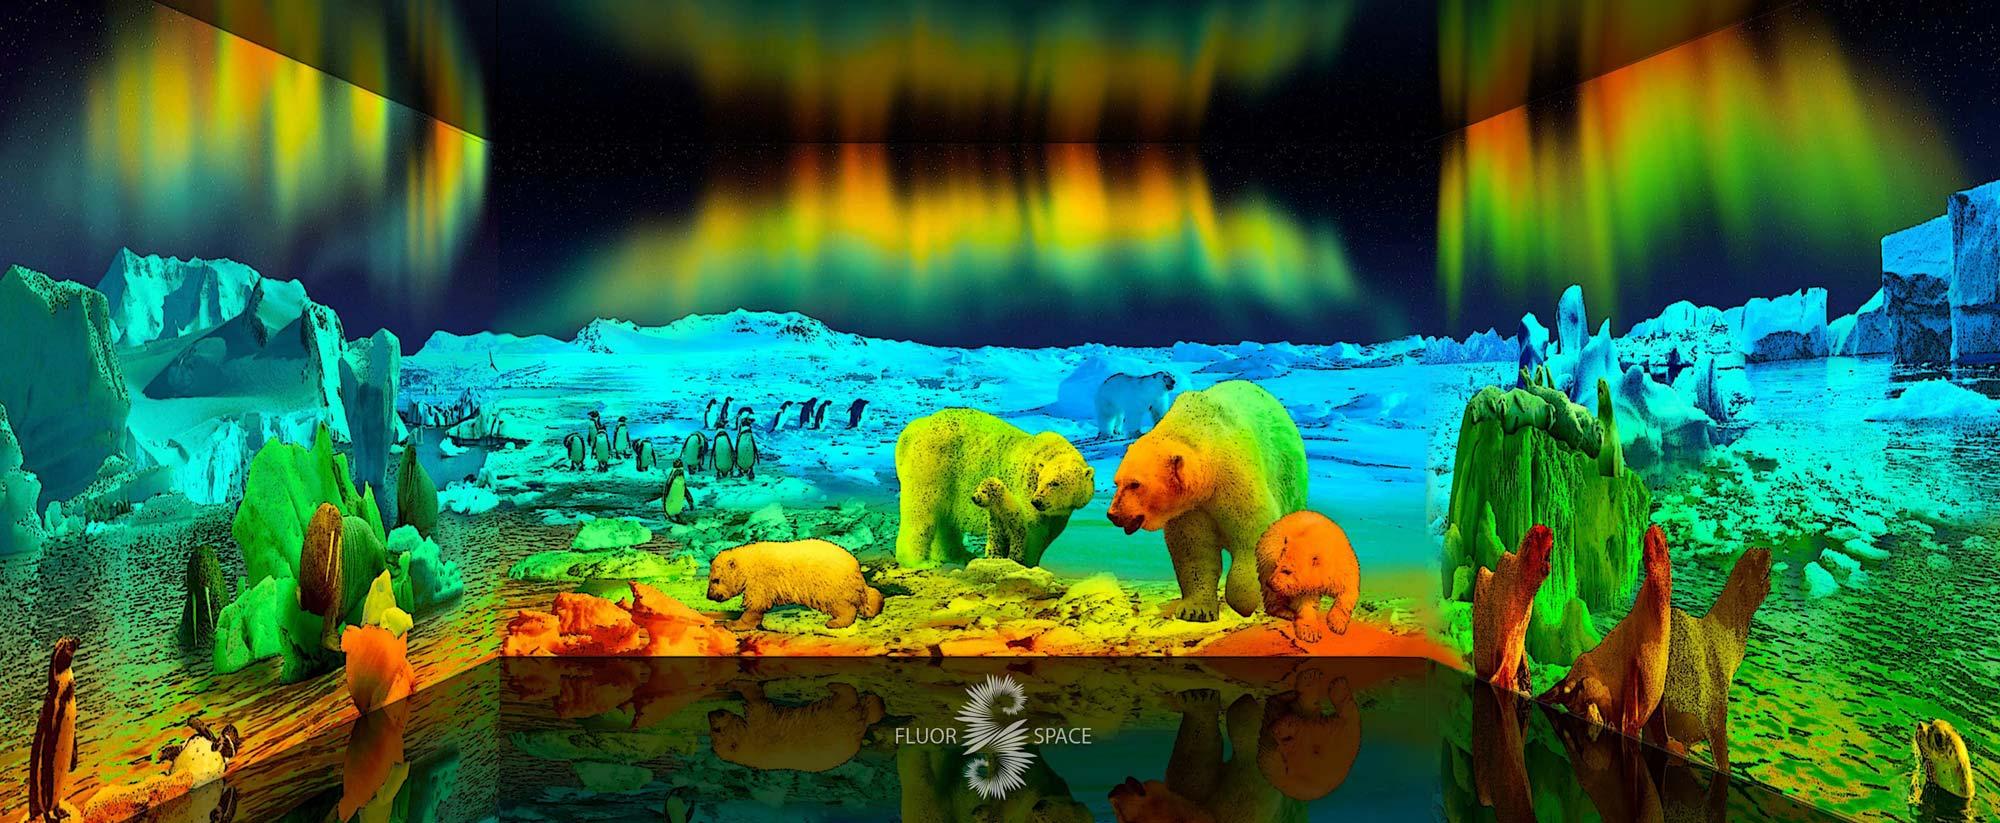 Полярное сияние - флуоресцентные хроматические 3D декорации